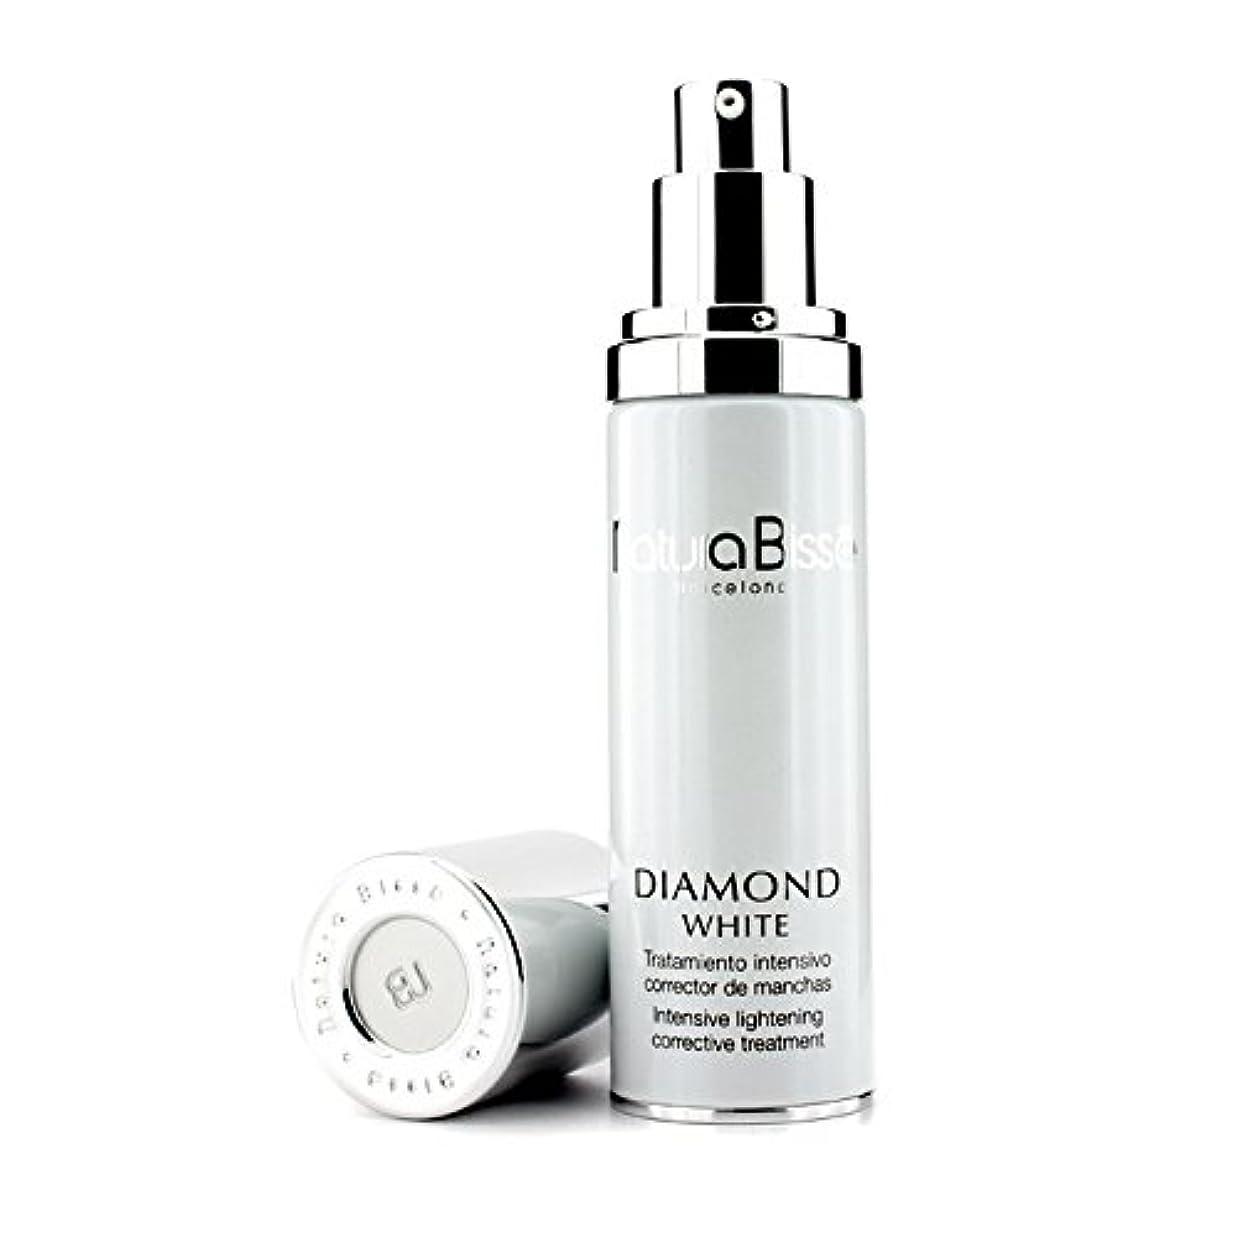 ベギン感謝しているバンクナチュラビセ ダイアモンド ホワイト インテンシブ ライトニング セラム 50ml/1.7oz並行輸入品